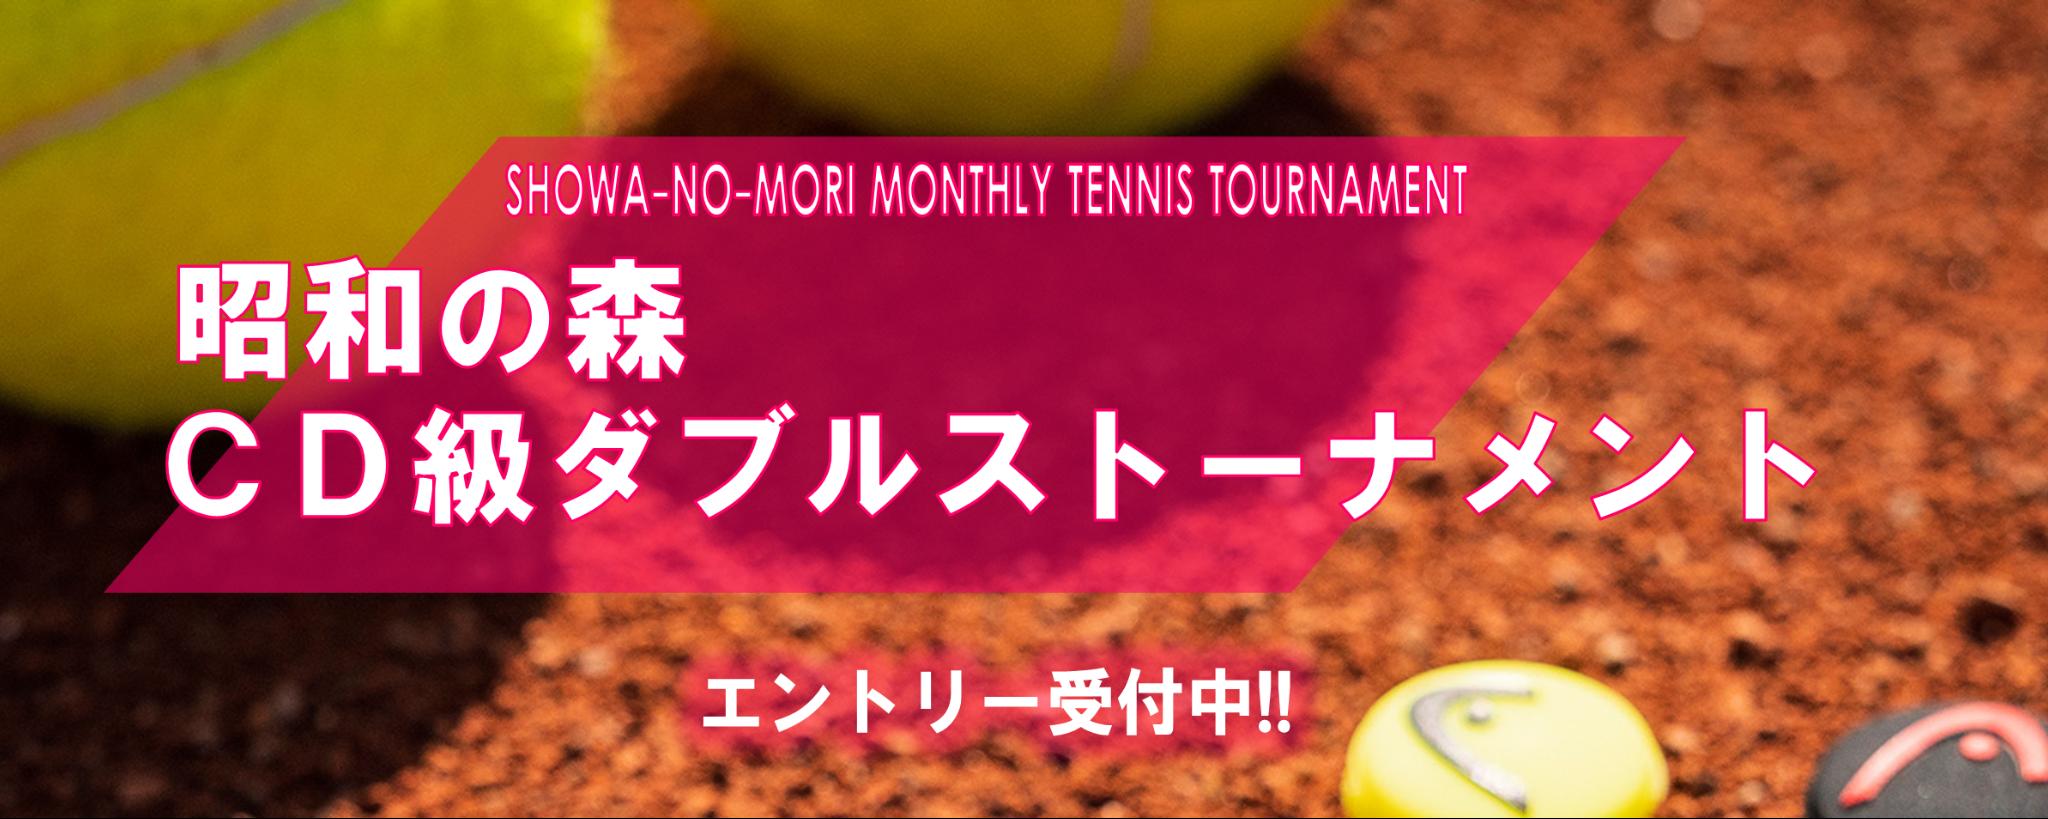 昭和の森CD級ダブルストーナメント